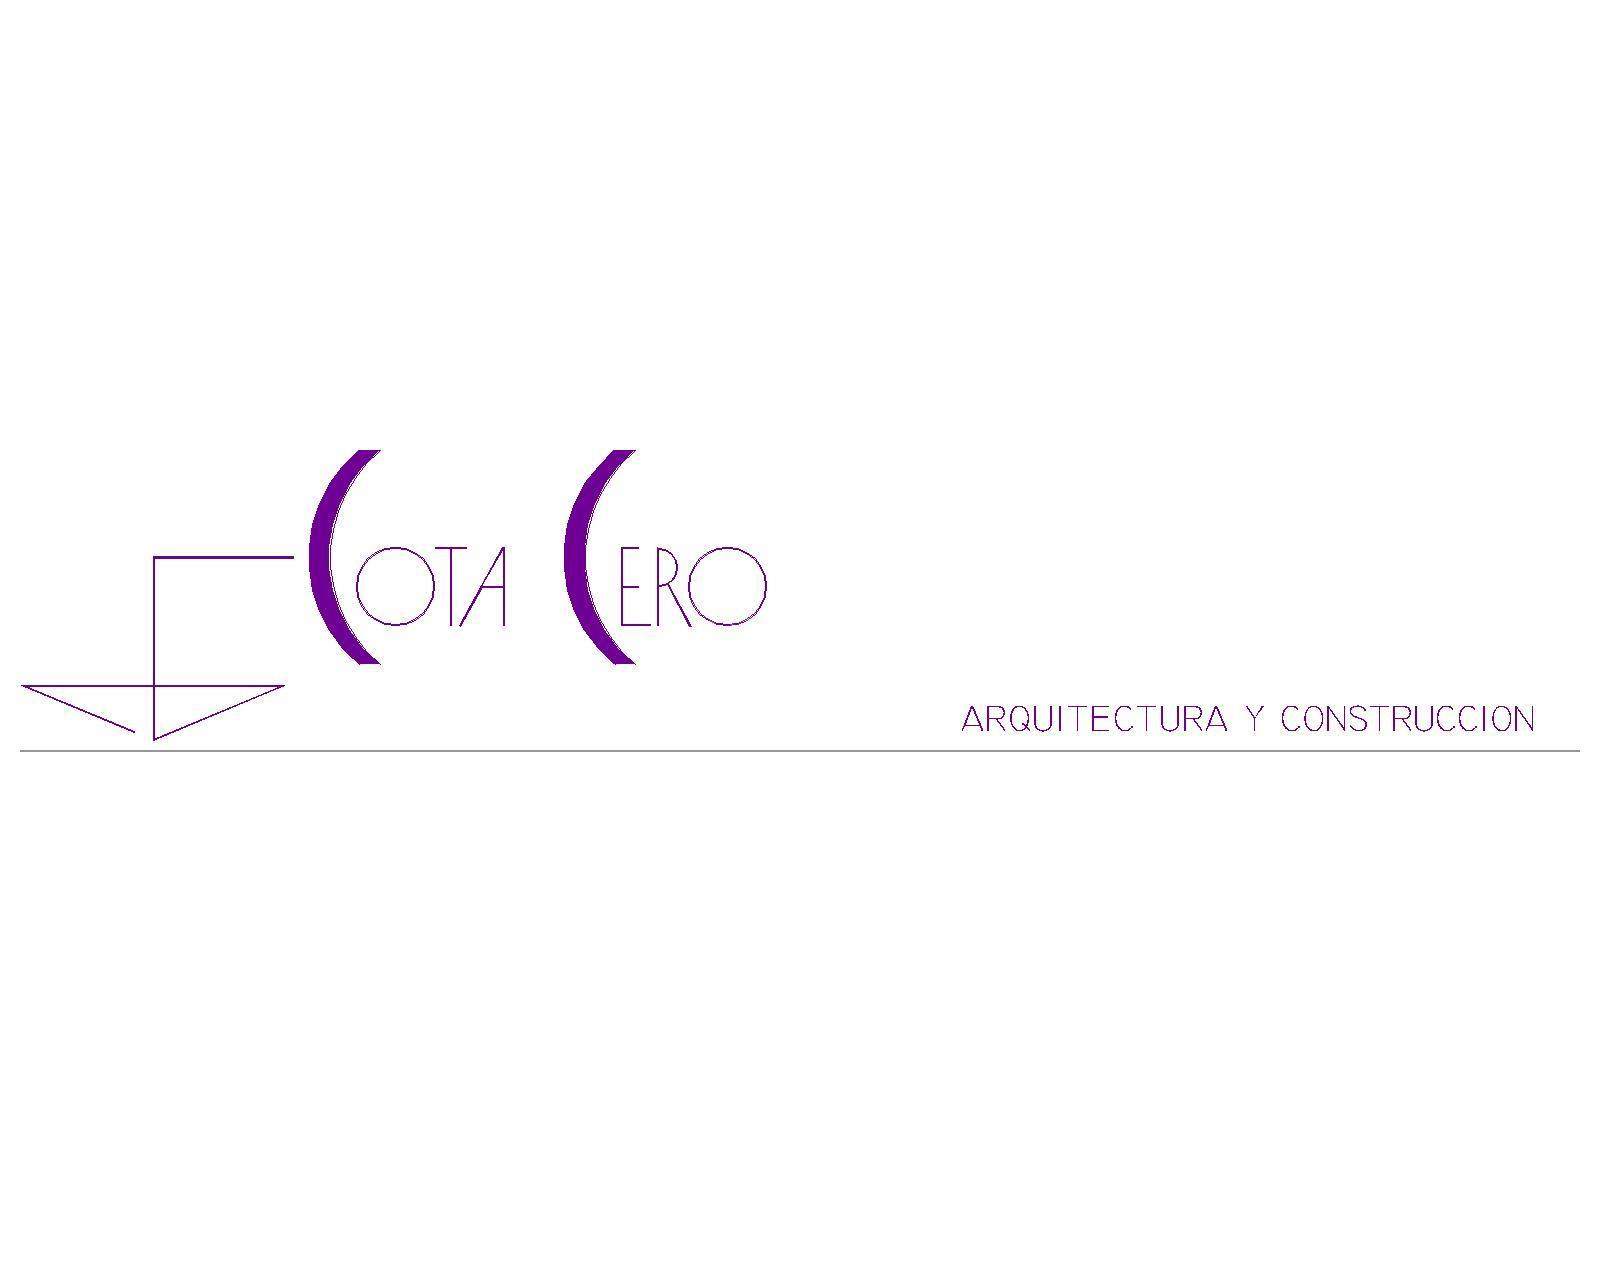 Cota Cero Arquitectura y Construcción S.L.